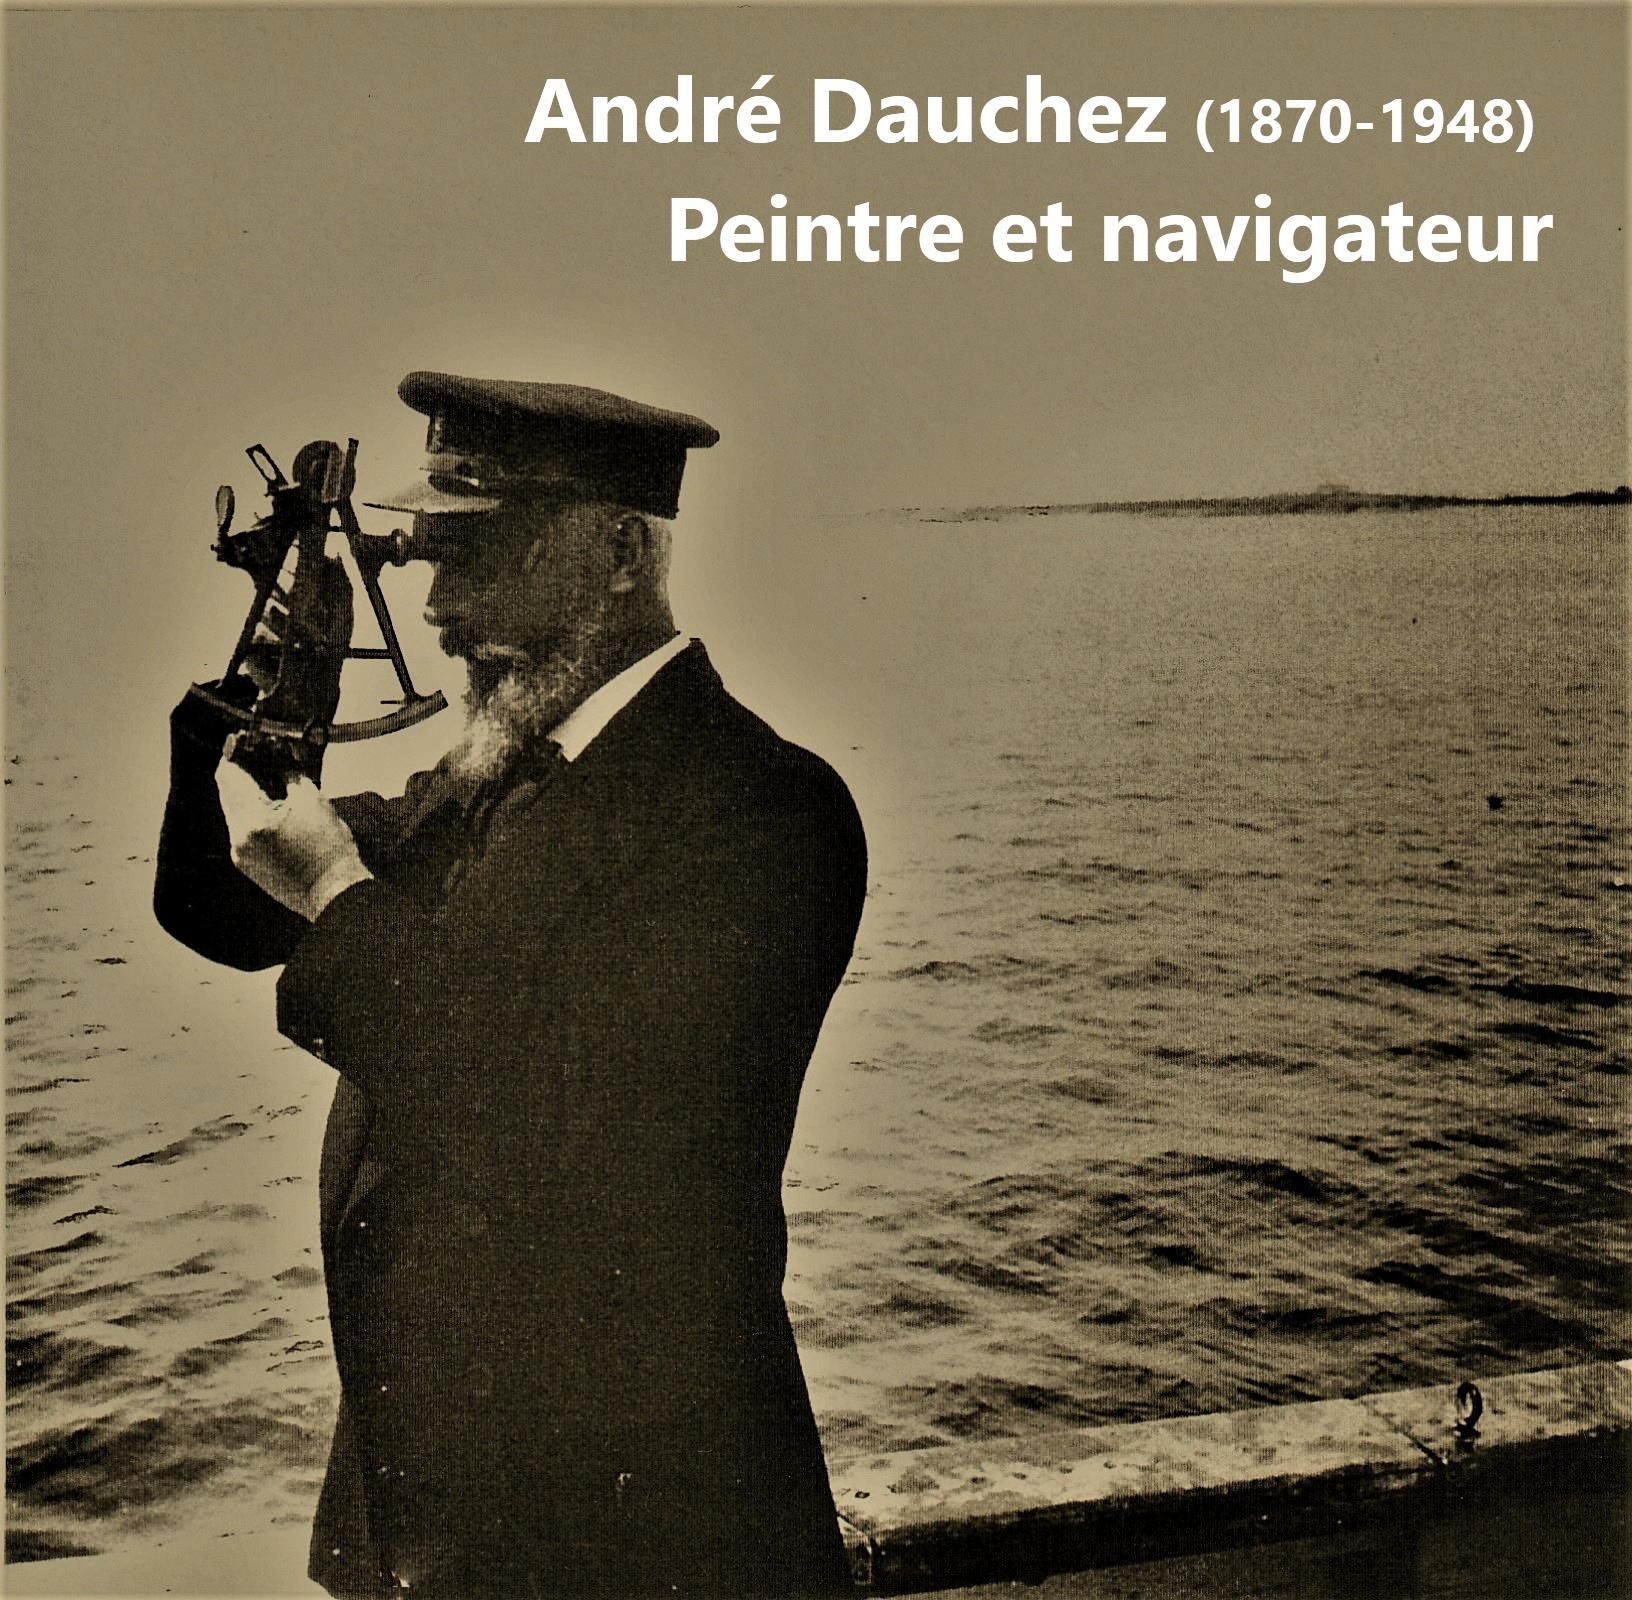 Conférence : André Dauchez, peintre et navigateur